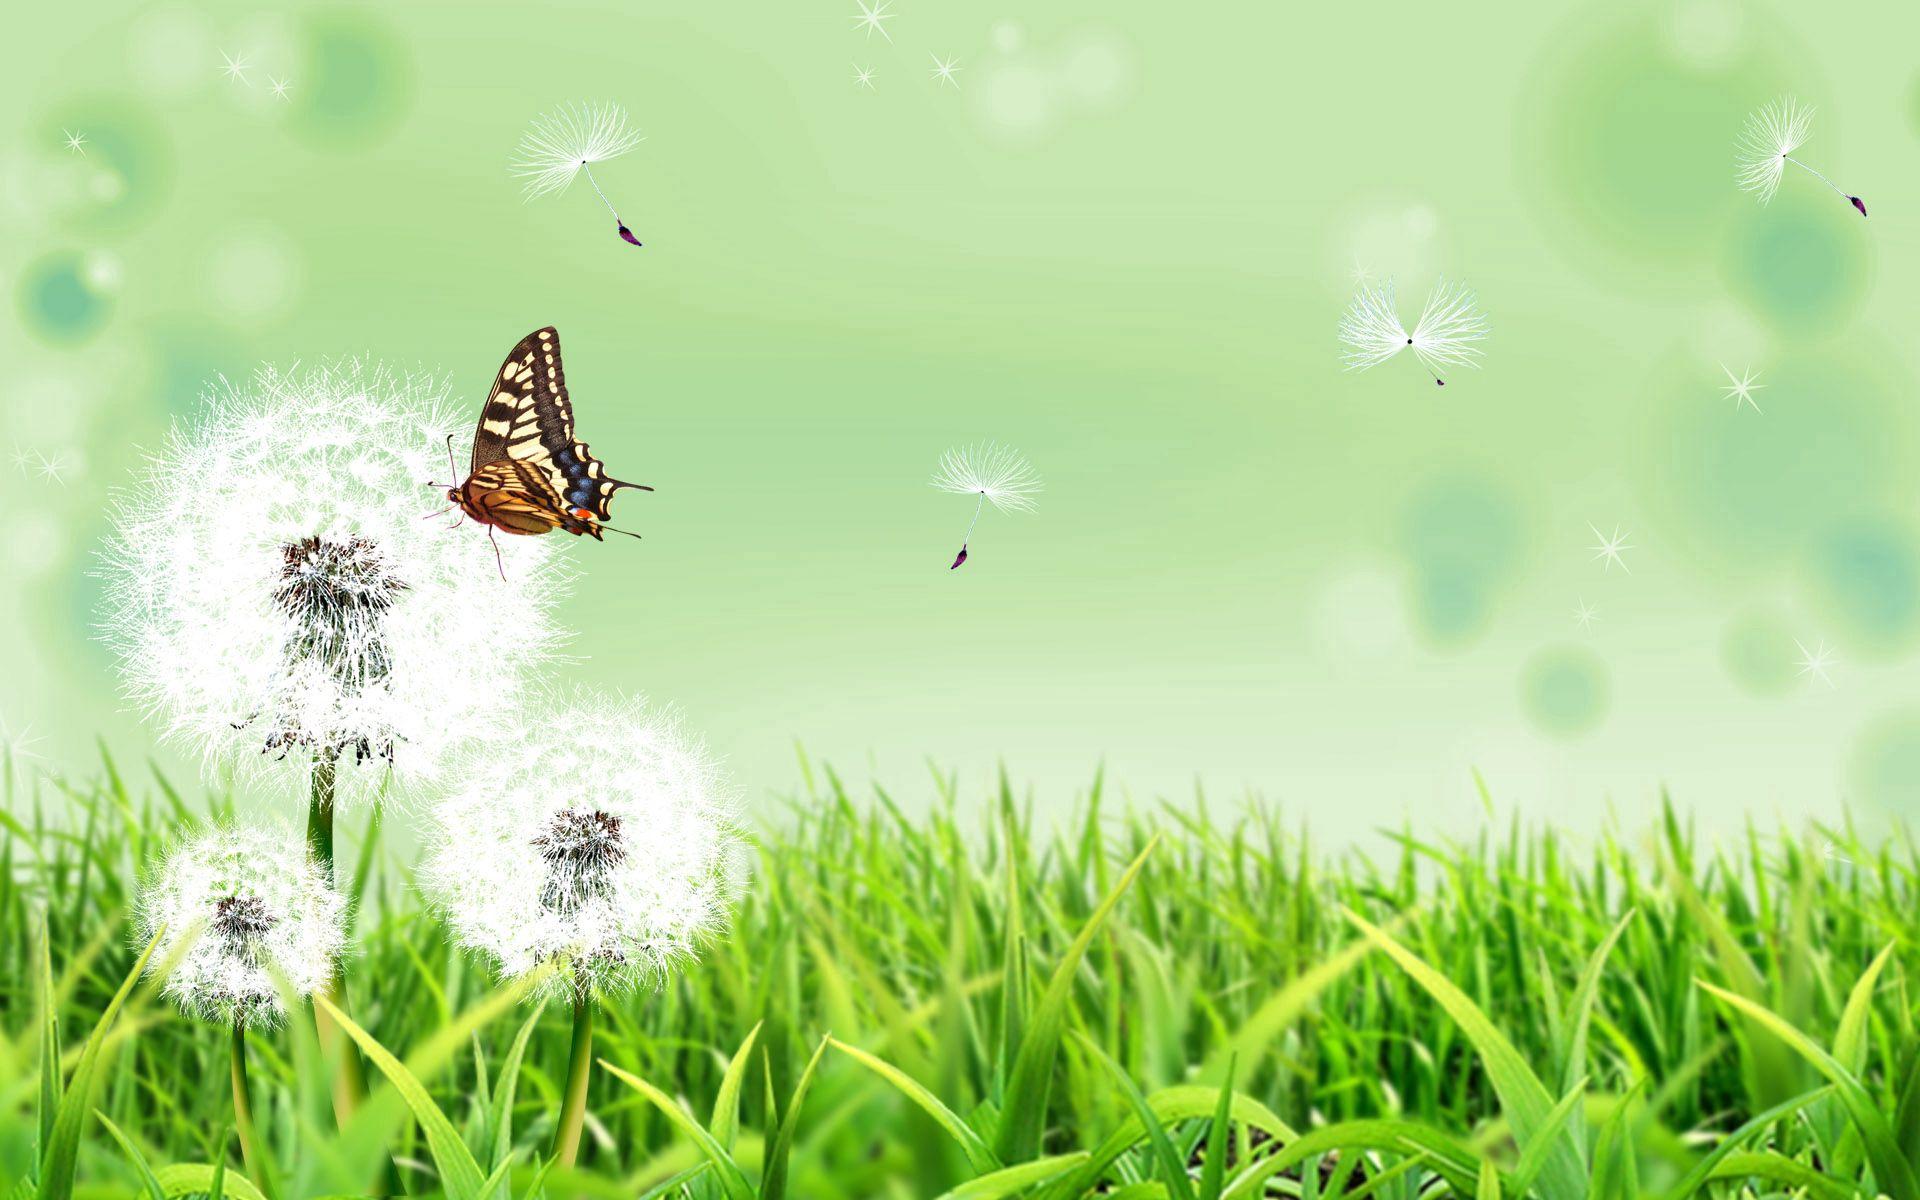 114572 Hintergrundbild herunterladen Natur, Grass, Löwenzahn, Vektor, Schmetterling - Bildschirmschoner und Bilder kostenlos